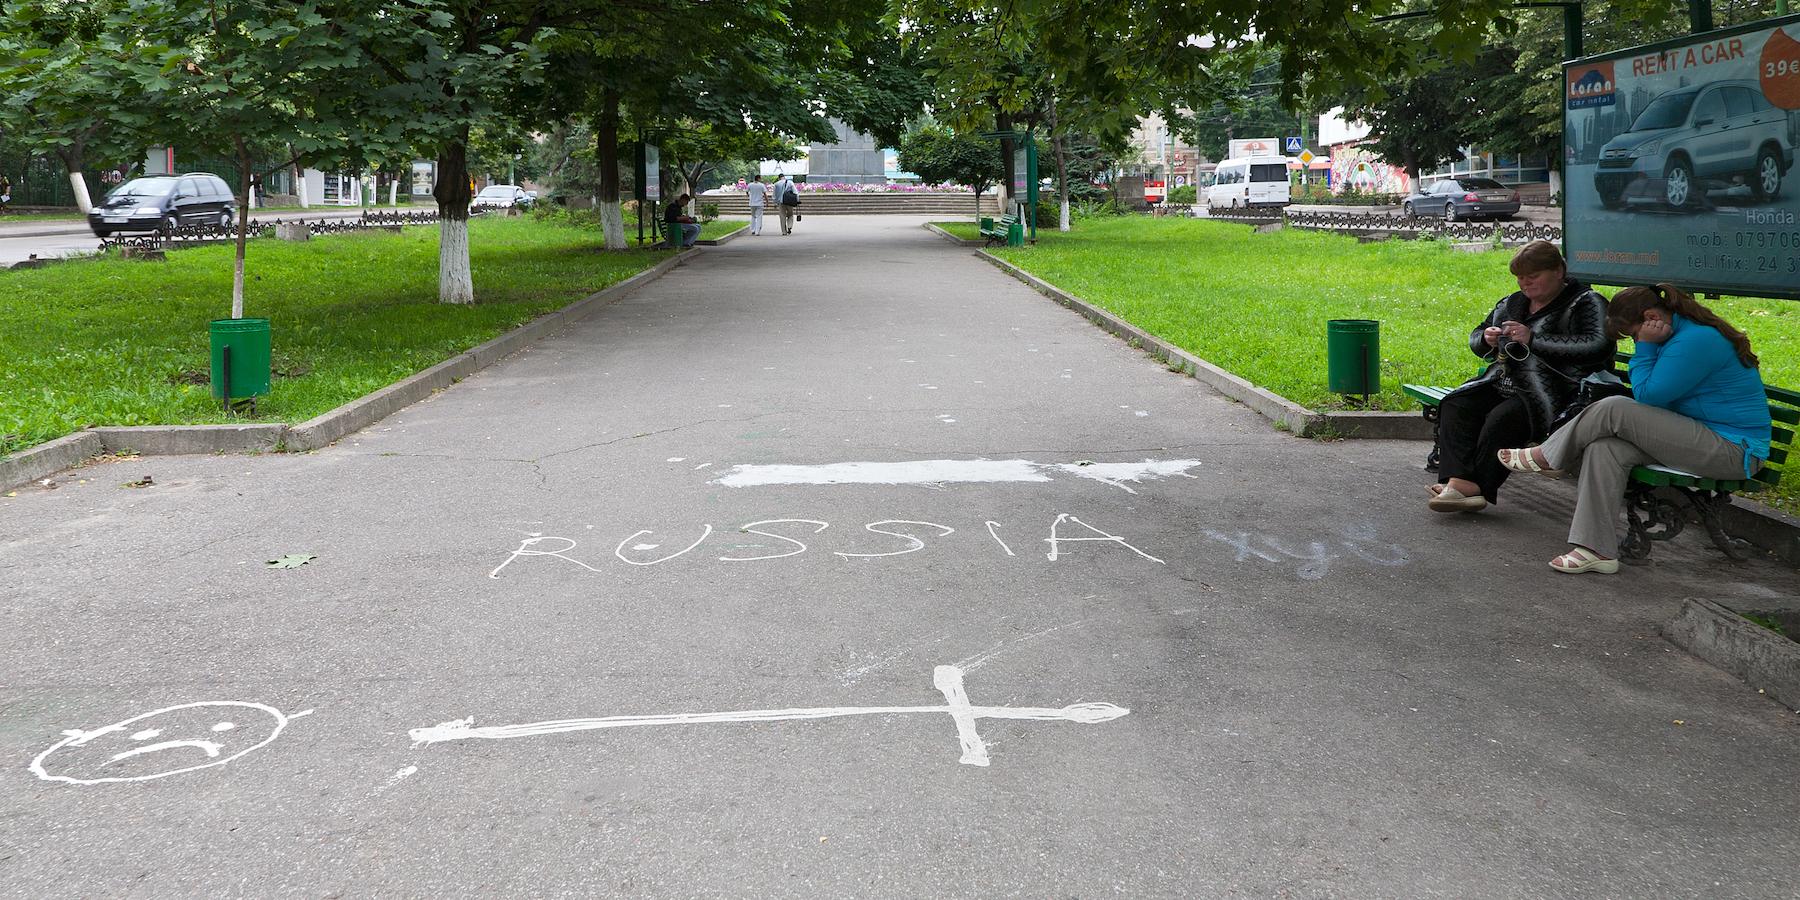 Asphaltmalerei: Russland, fick Dich